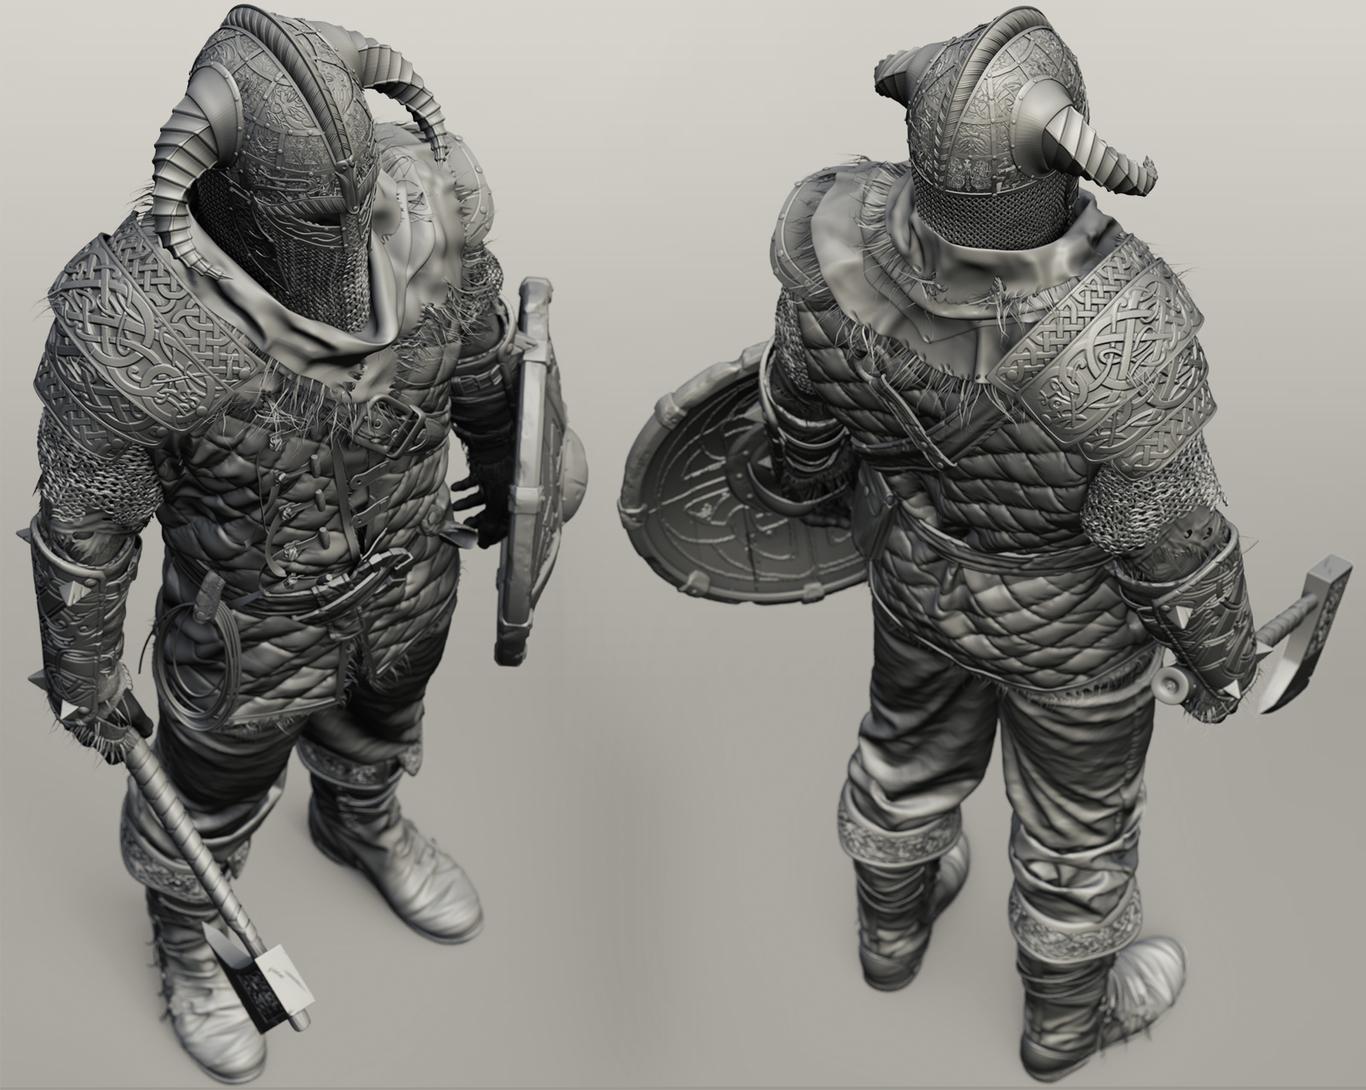 Baldasseroni scandinavian warrior 1 4325e207 i2dt